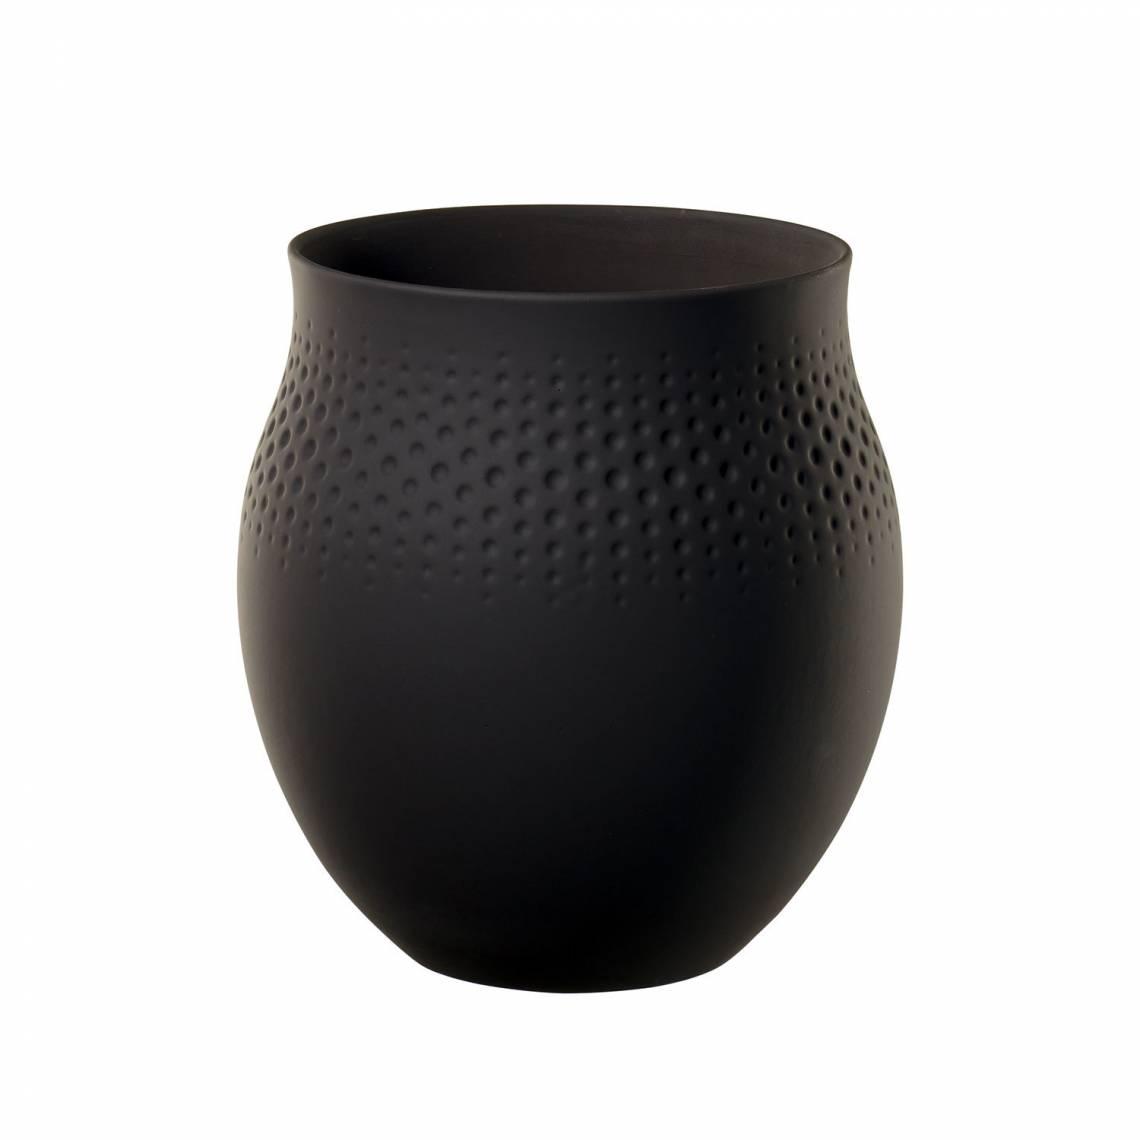 Villeroy & Boch: Manufacture Collier Vase schwarz 1016825511